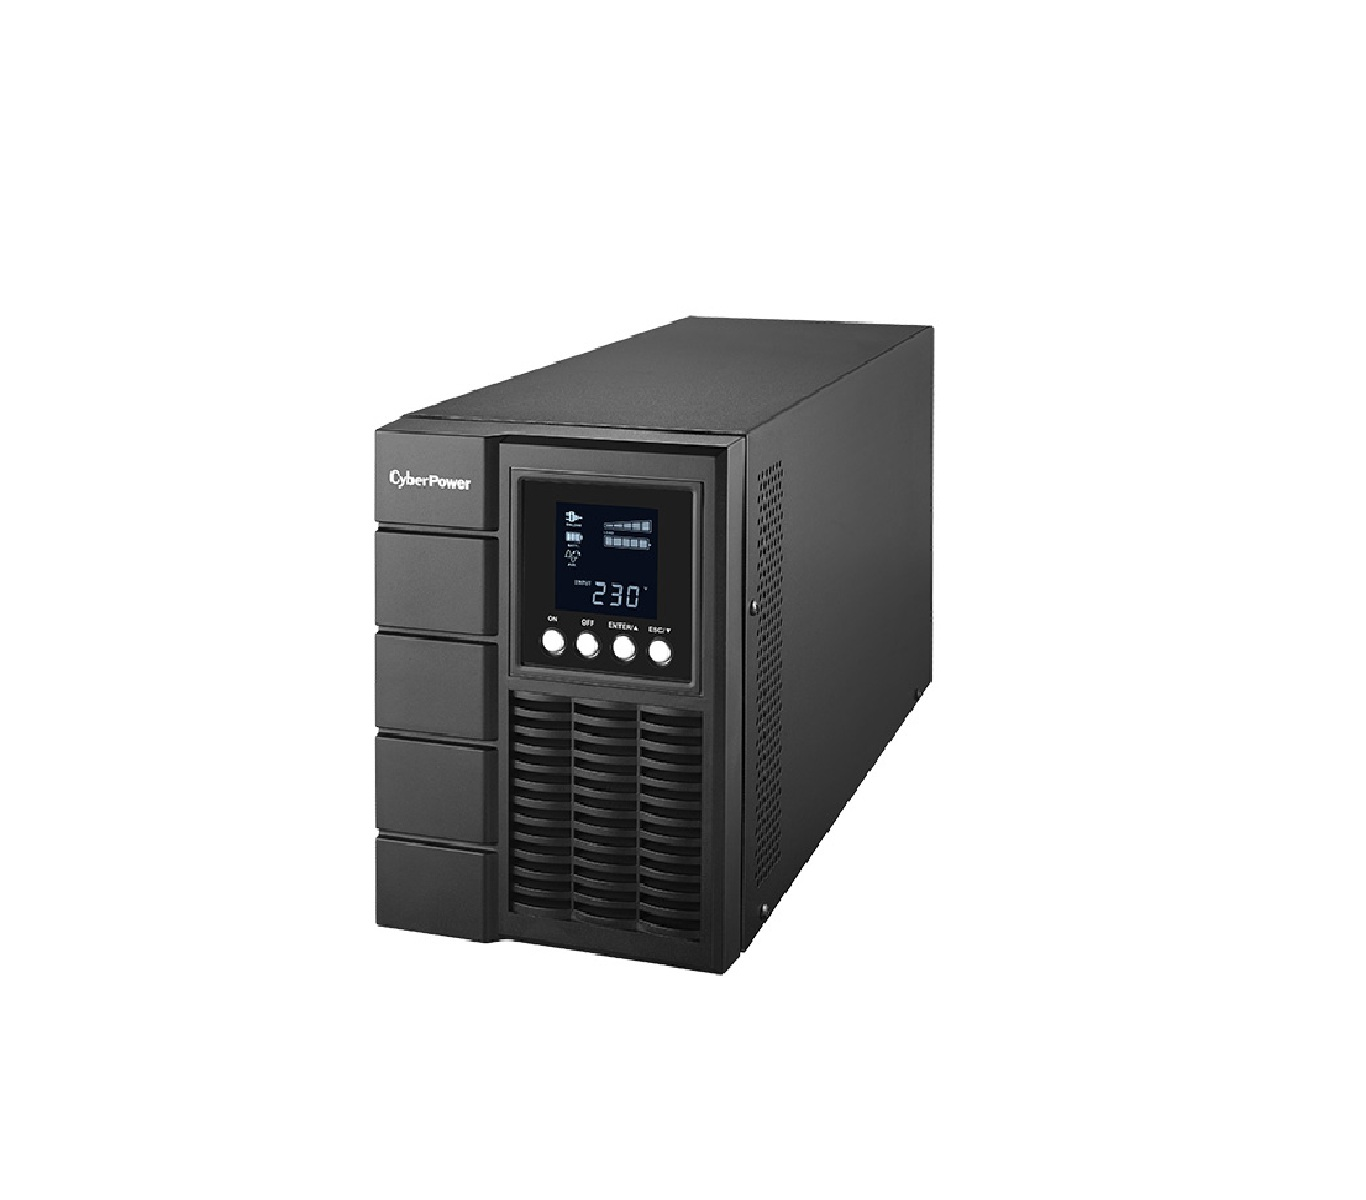 Nguồn lưu điện UPS CyberPower OLS1000E 1000VA/900W